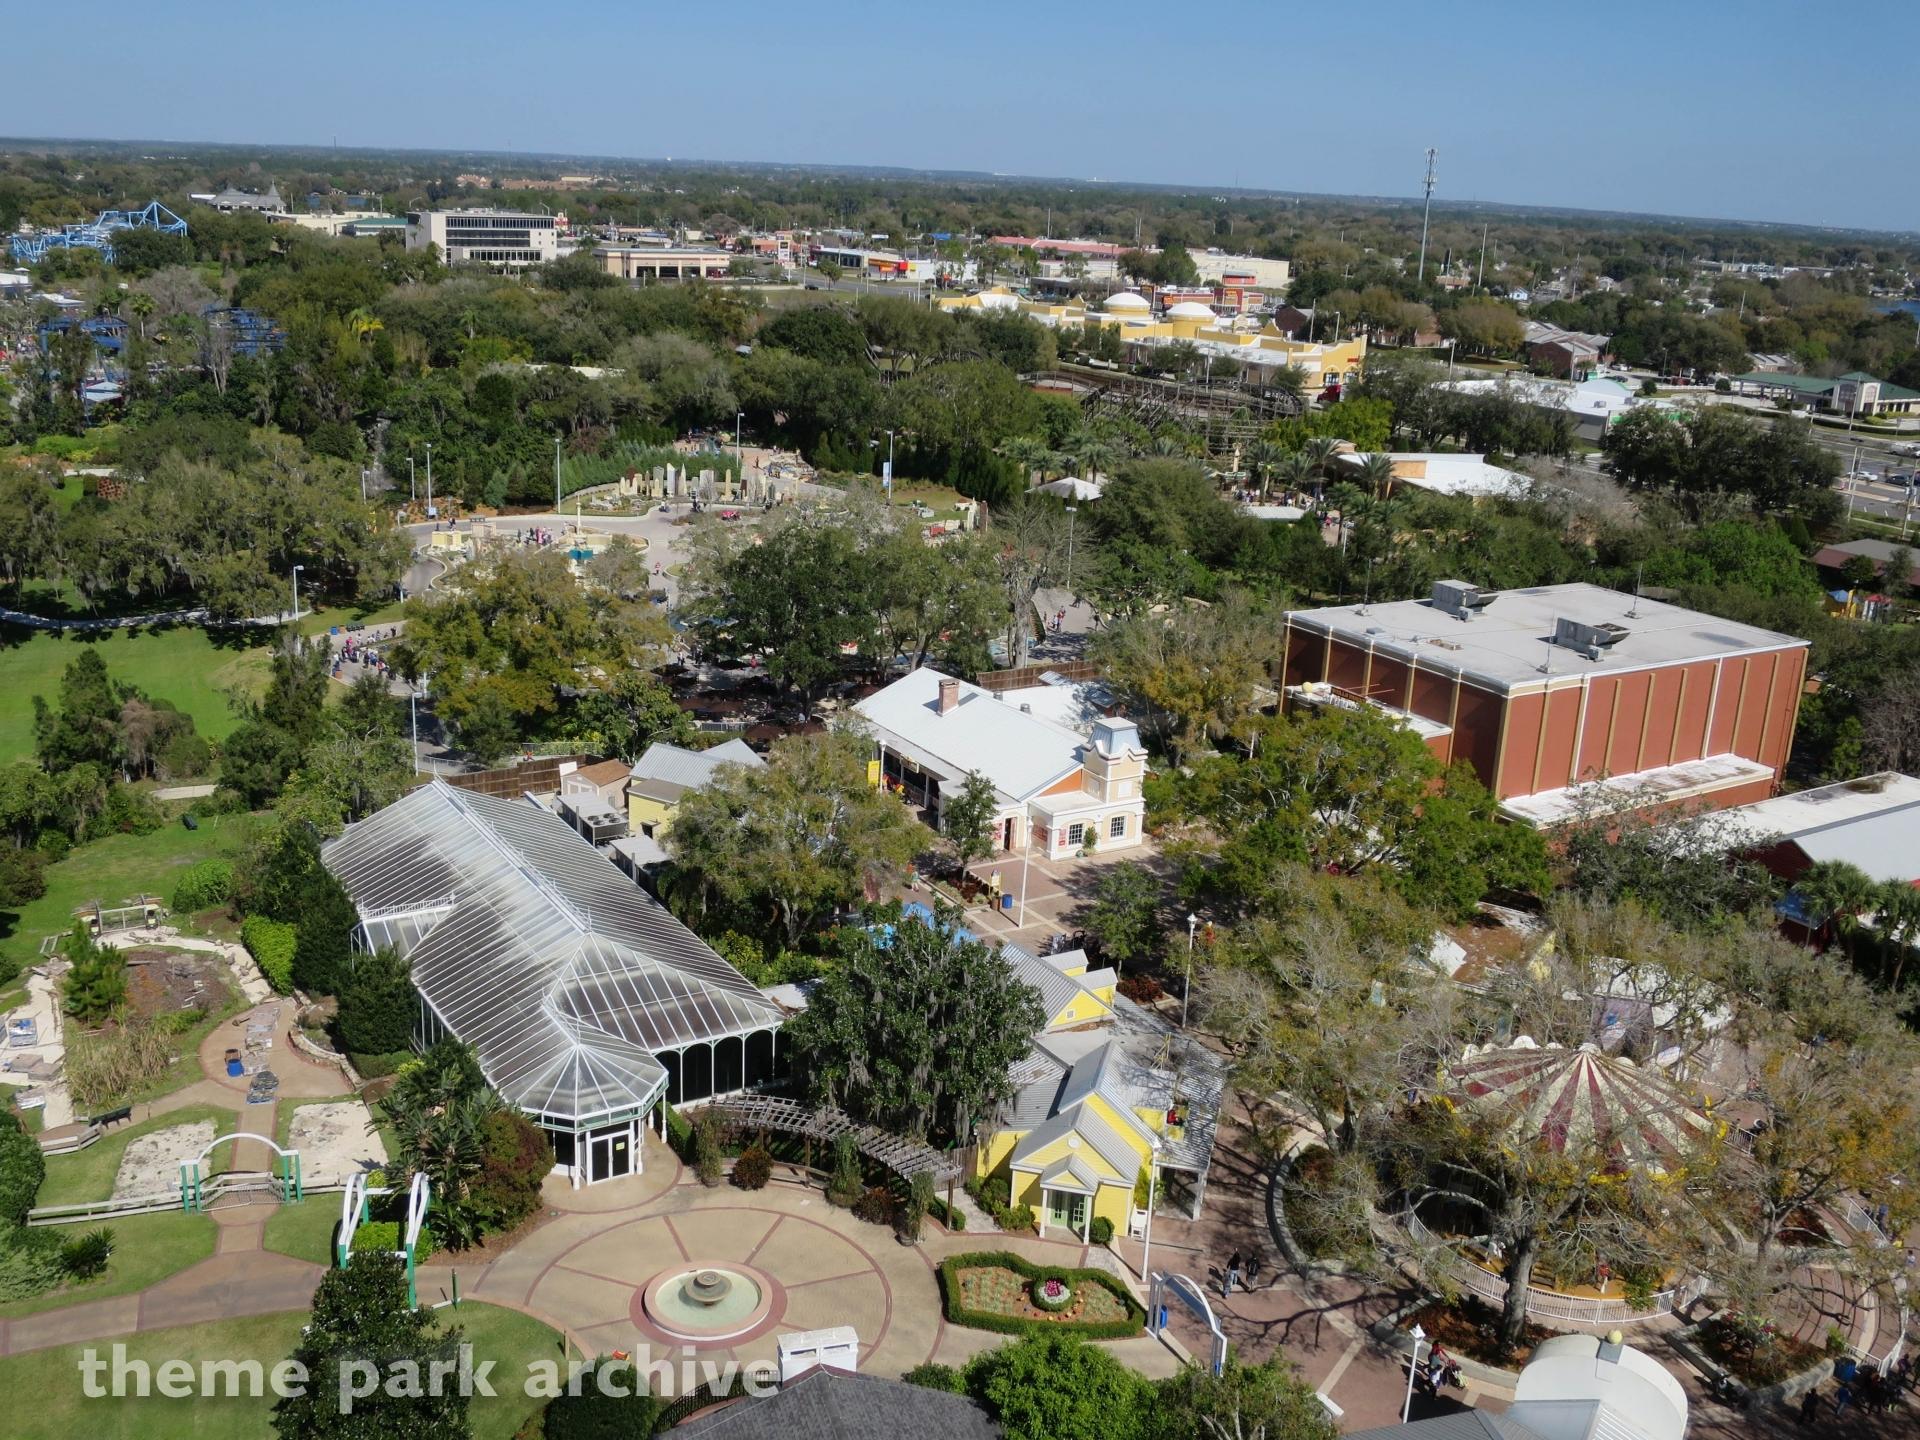 Fun Town at LEGOLAND Florida